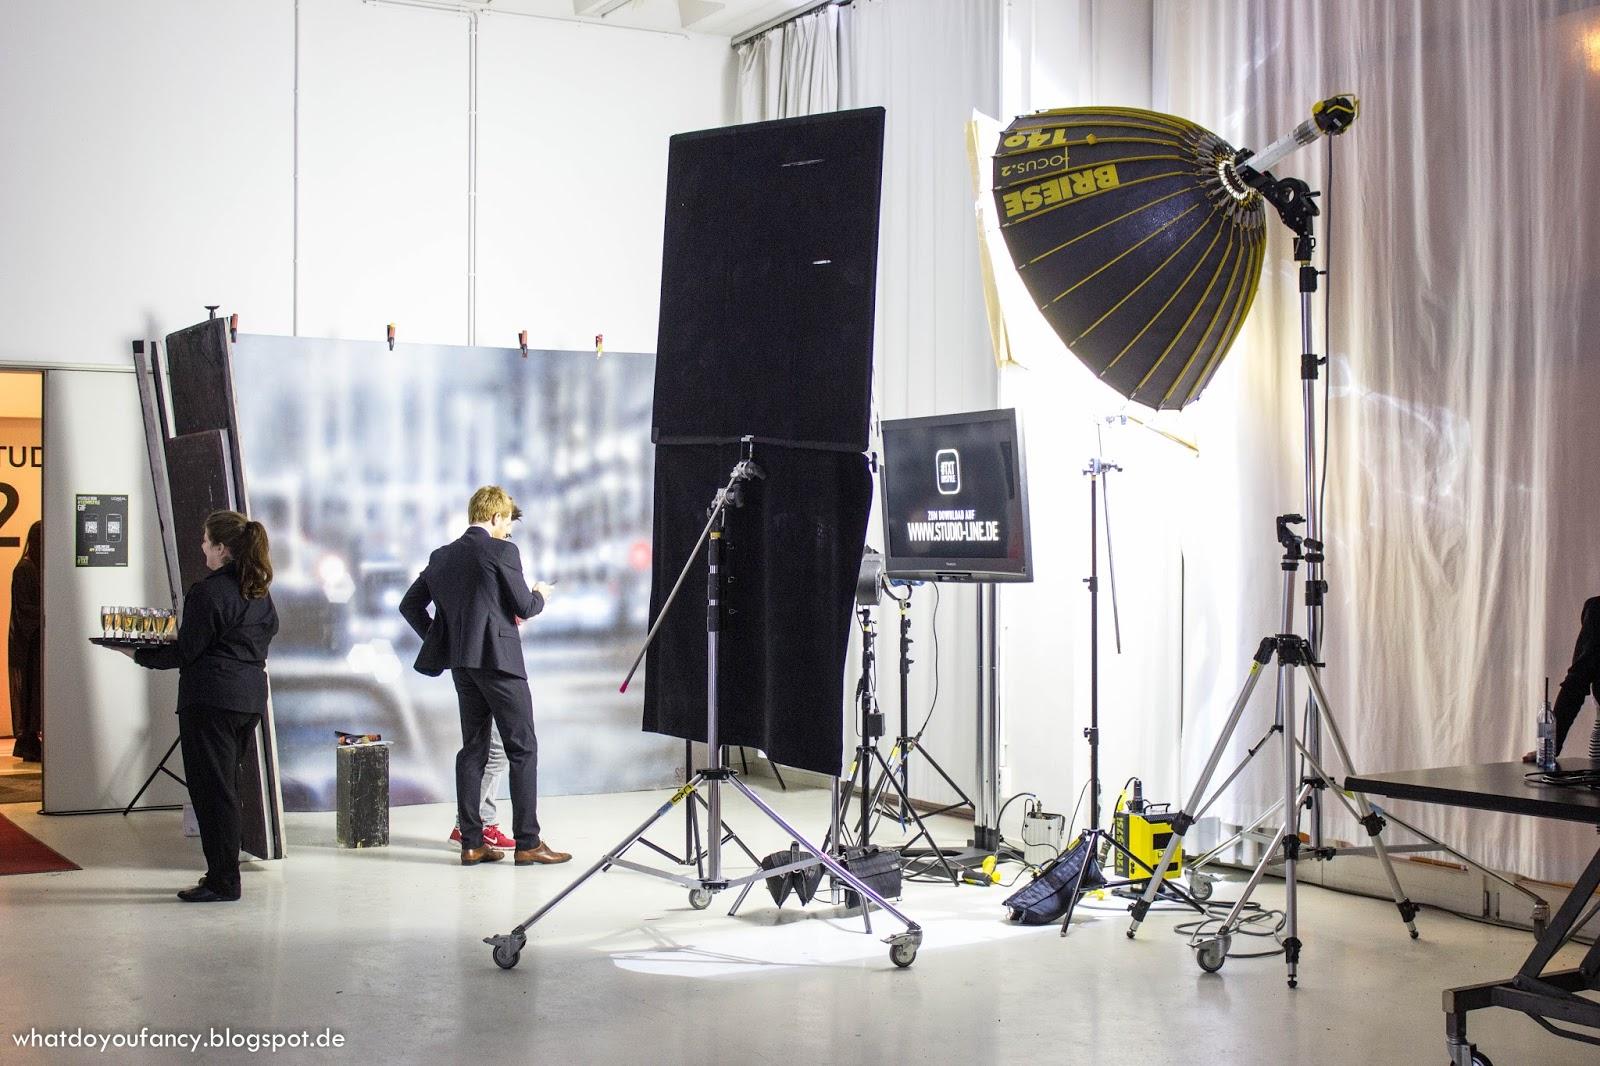 L'Oréal lud zum Launch der neuen Studio Line #TXT-Produkte + App #TXTMYSTYLE ein_Shootingfläche